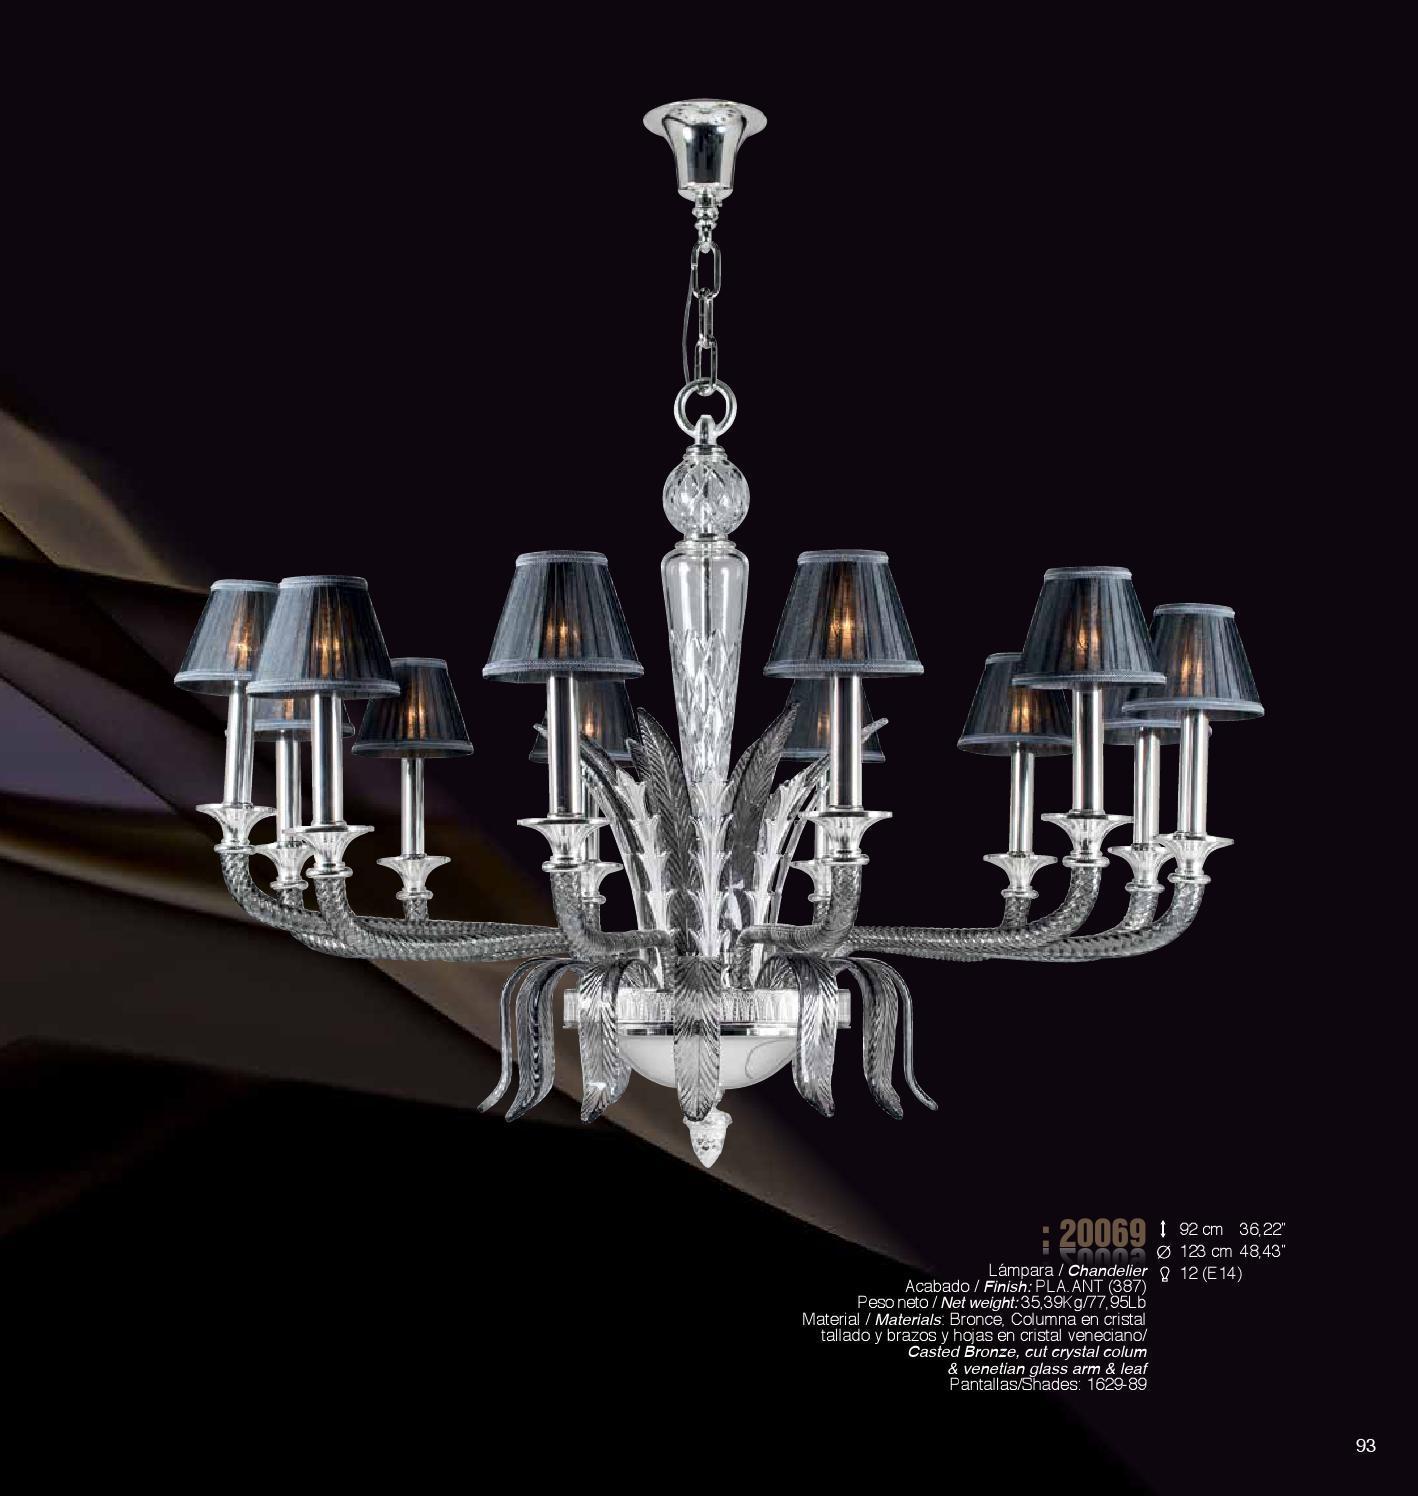 mariner lighting 2015年欧式古典灯饰灯具_礼品设计